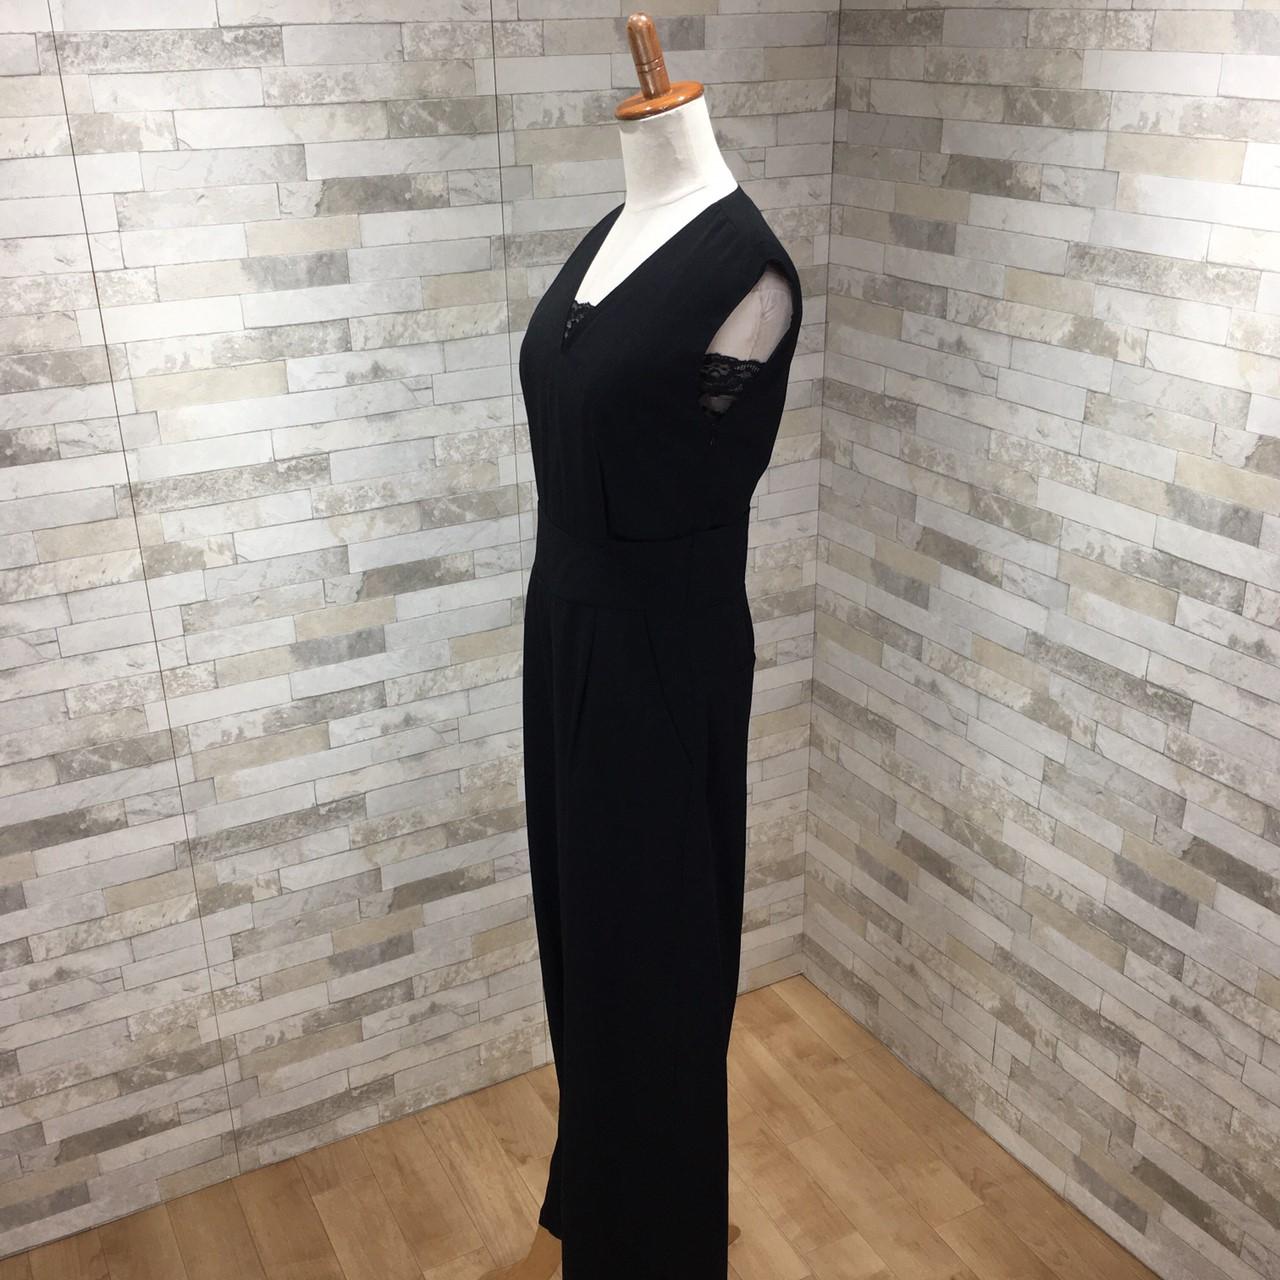 韓国 ファッション オールインワン サロペット 春 夏 パーティー ブライダル PTX1552  ノースリーブ バックスリット ハイウエスト ワイドパンツ 二次会 セレブ きれいめの写真12枚目